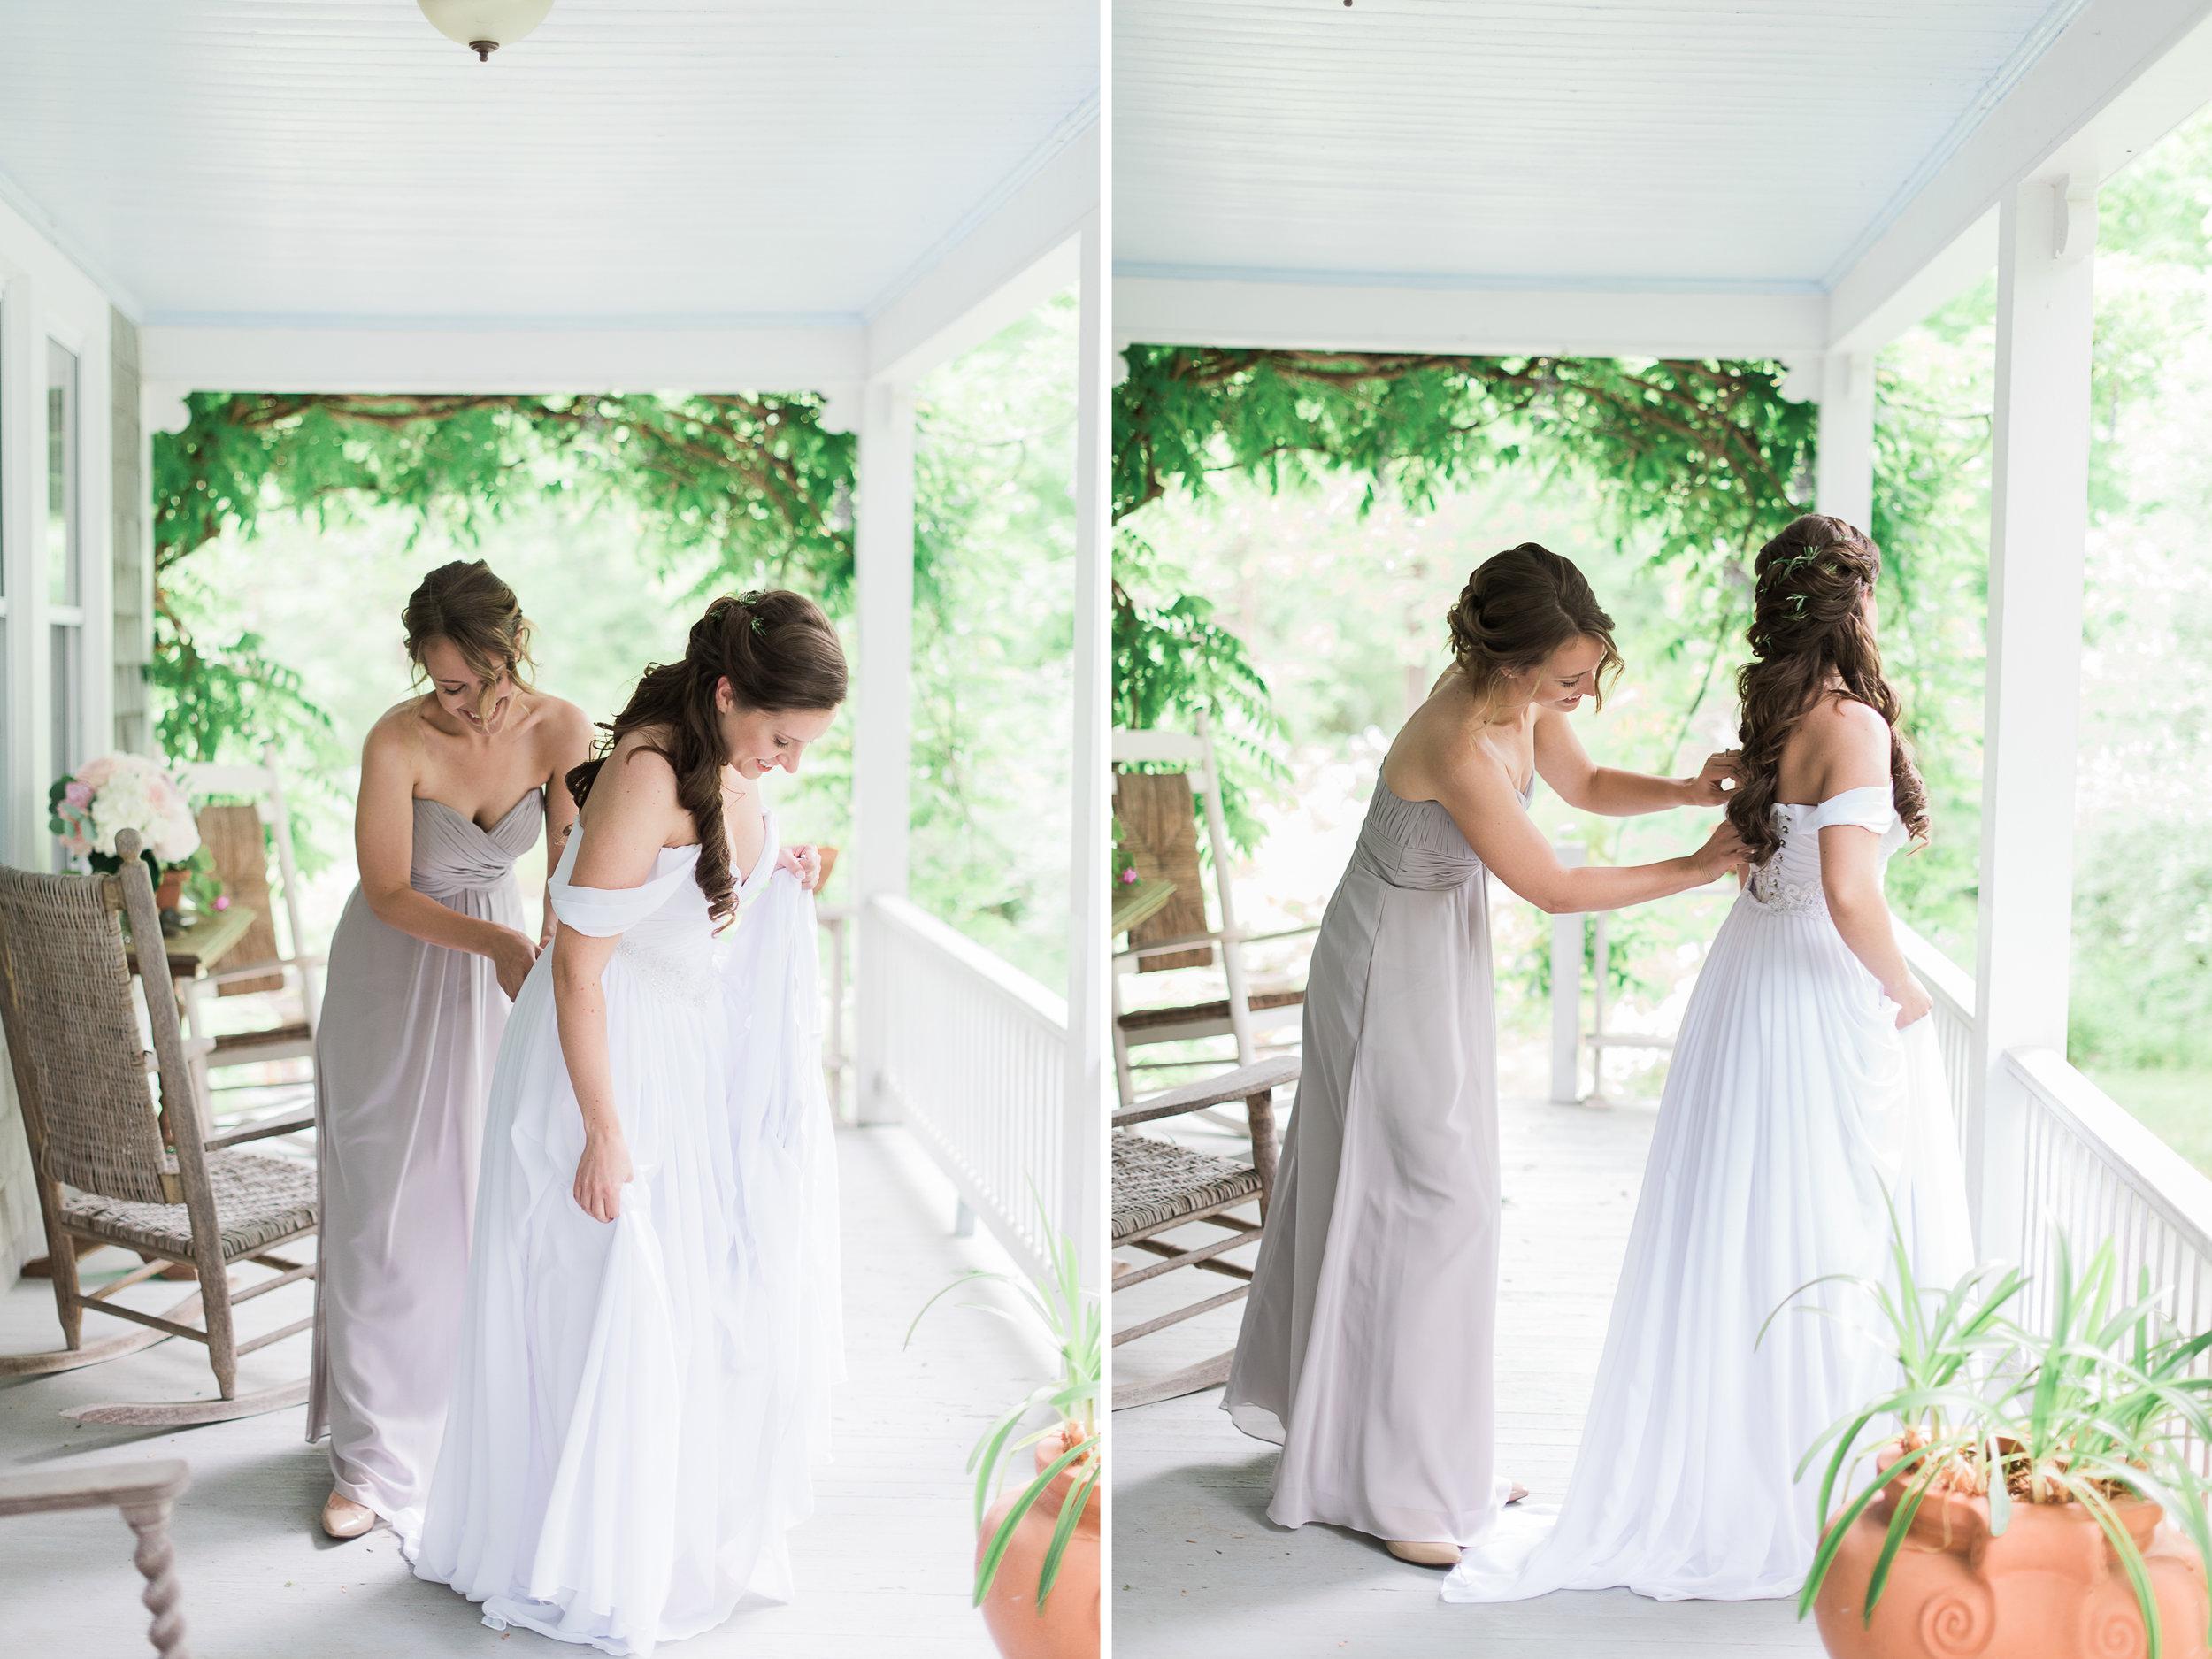 Fine Art Wedding Photographer in Amherst